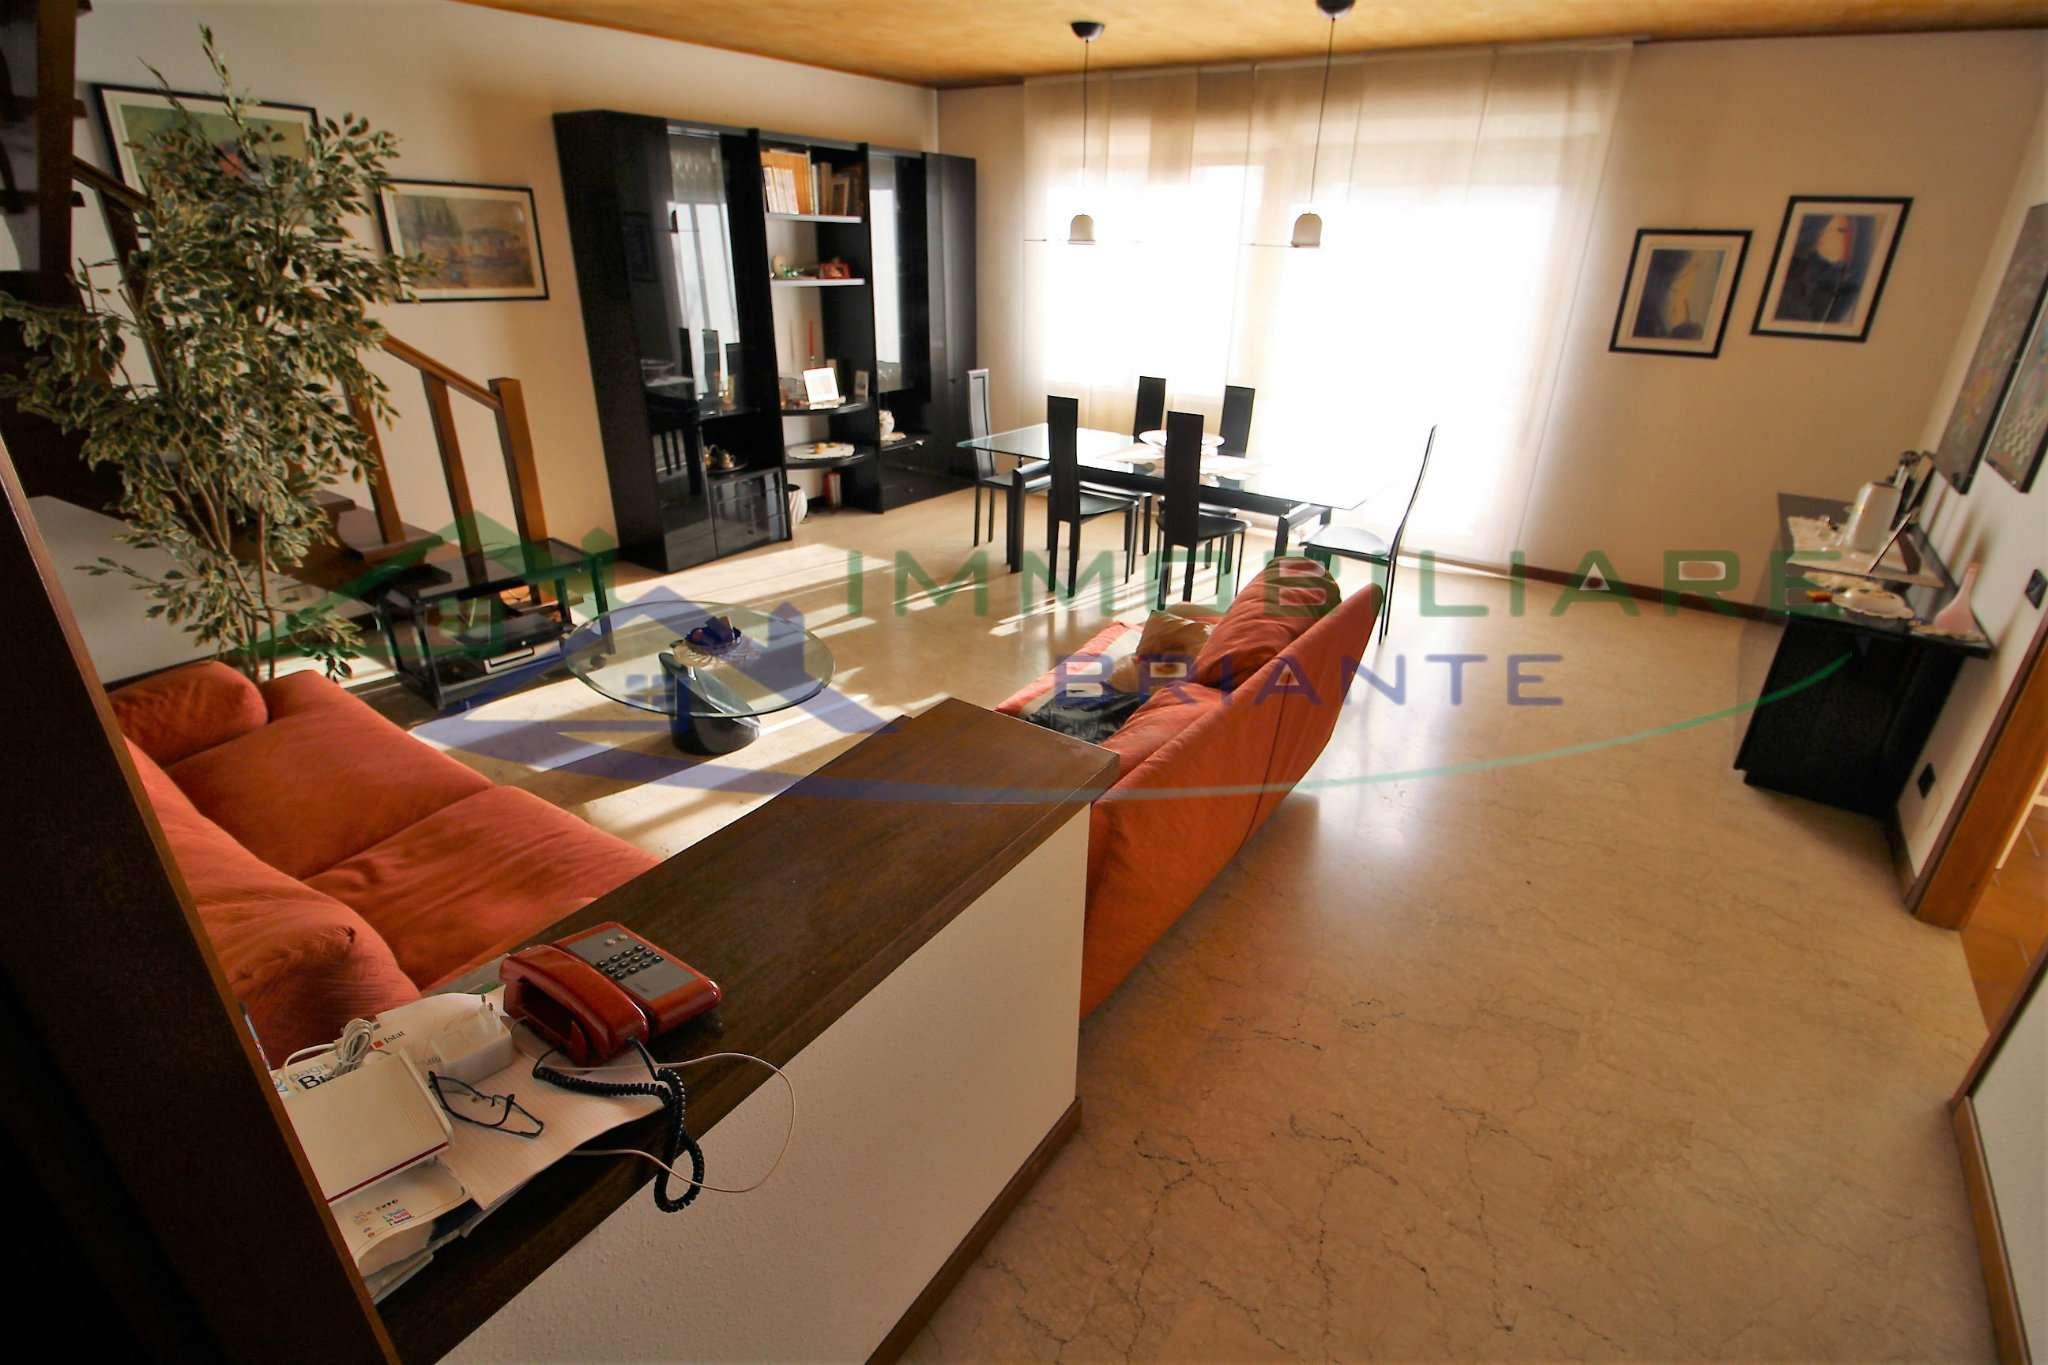 Villa a schiera quadrilocale in vendita a Casorate Sempione (VA)